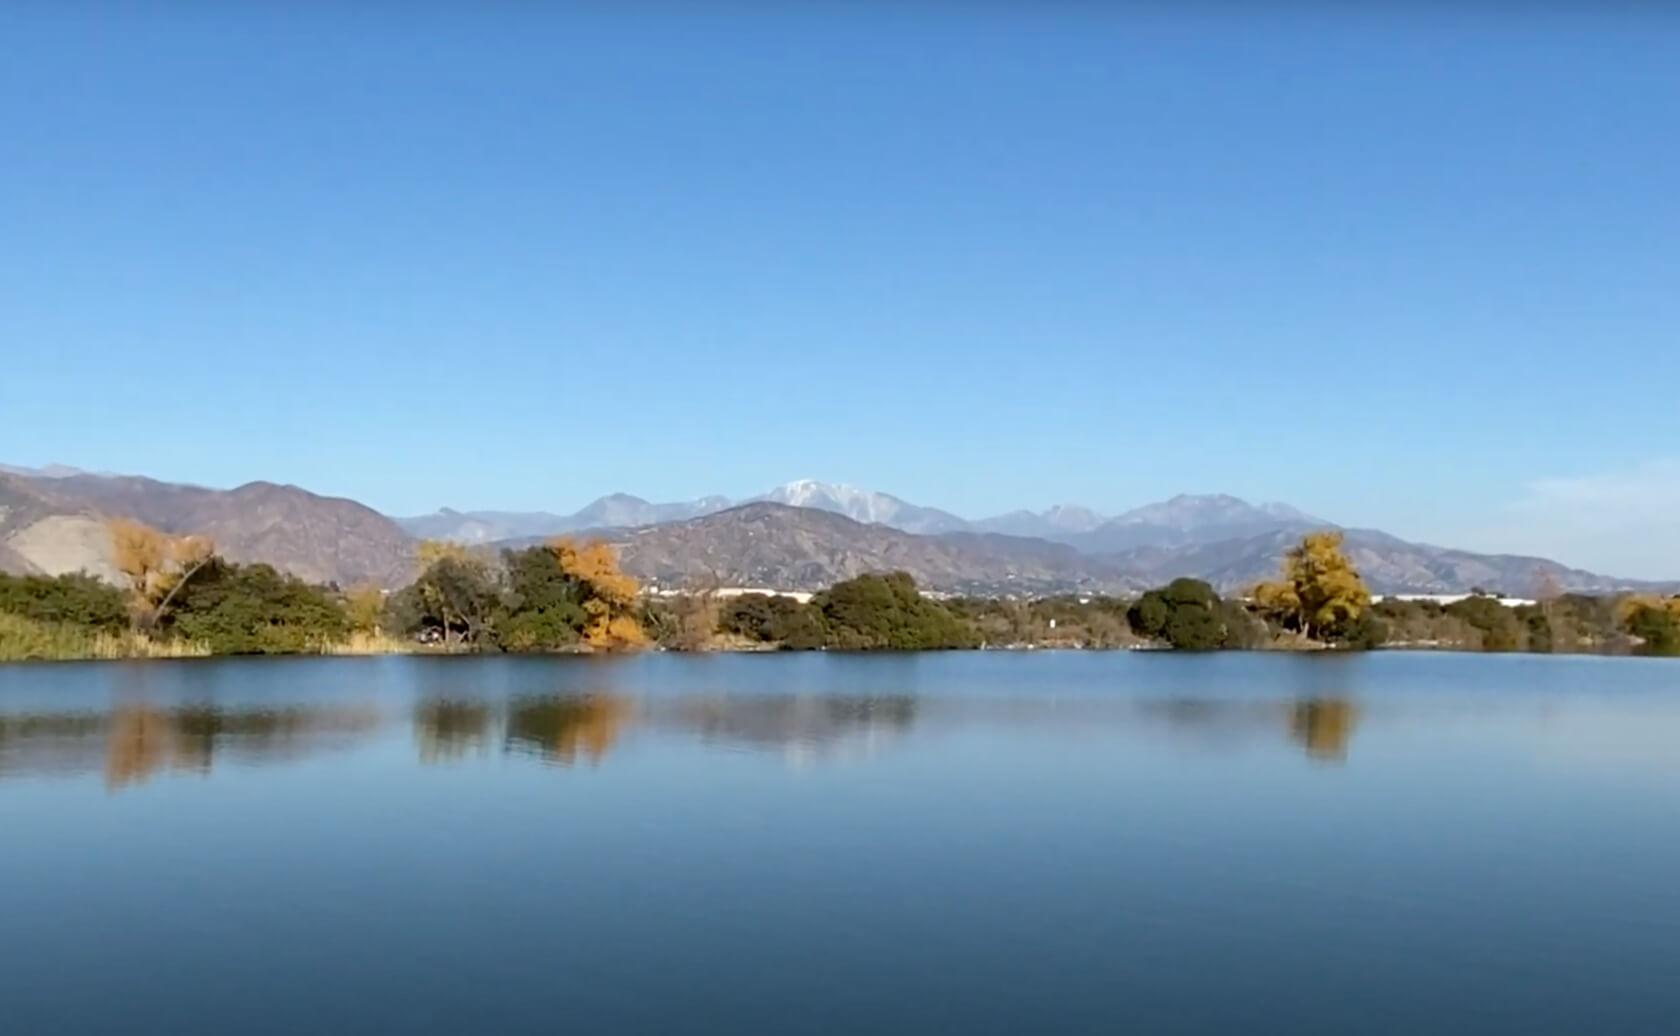 Santa-Fe-Dam-Lake-fishing-guide-report-Baldwin-Park-CA-02